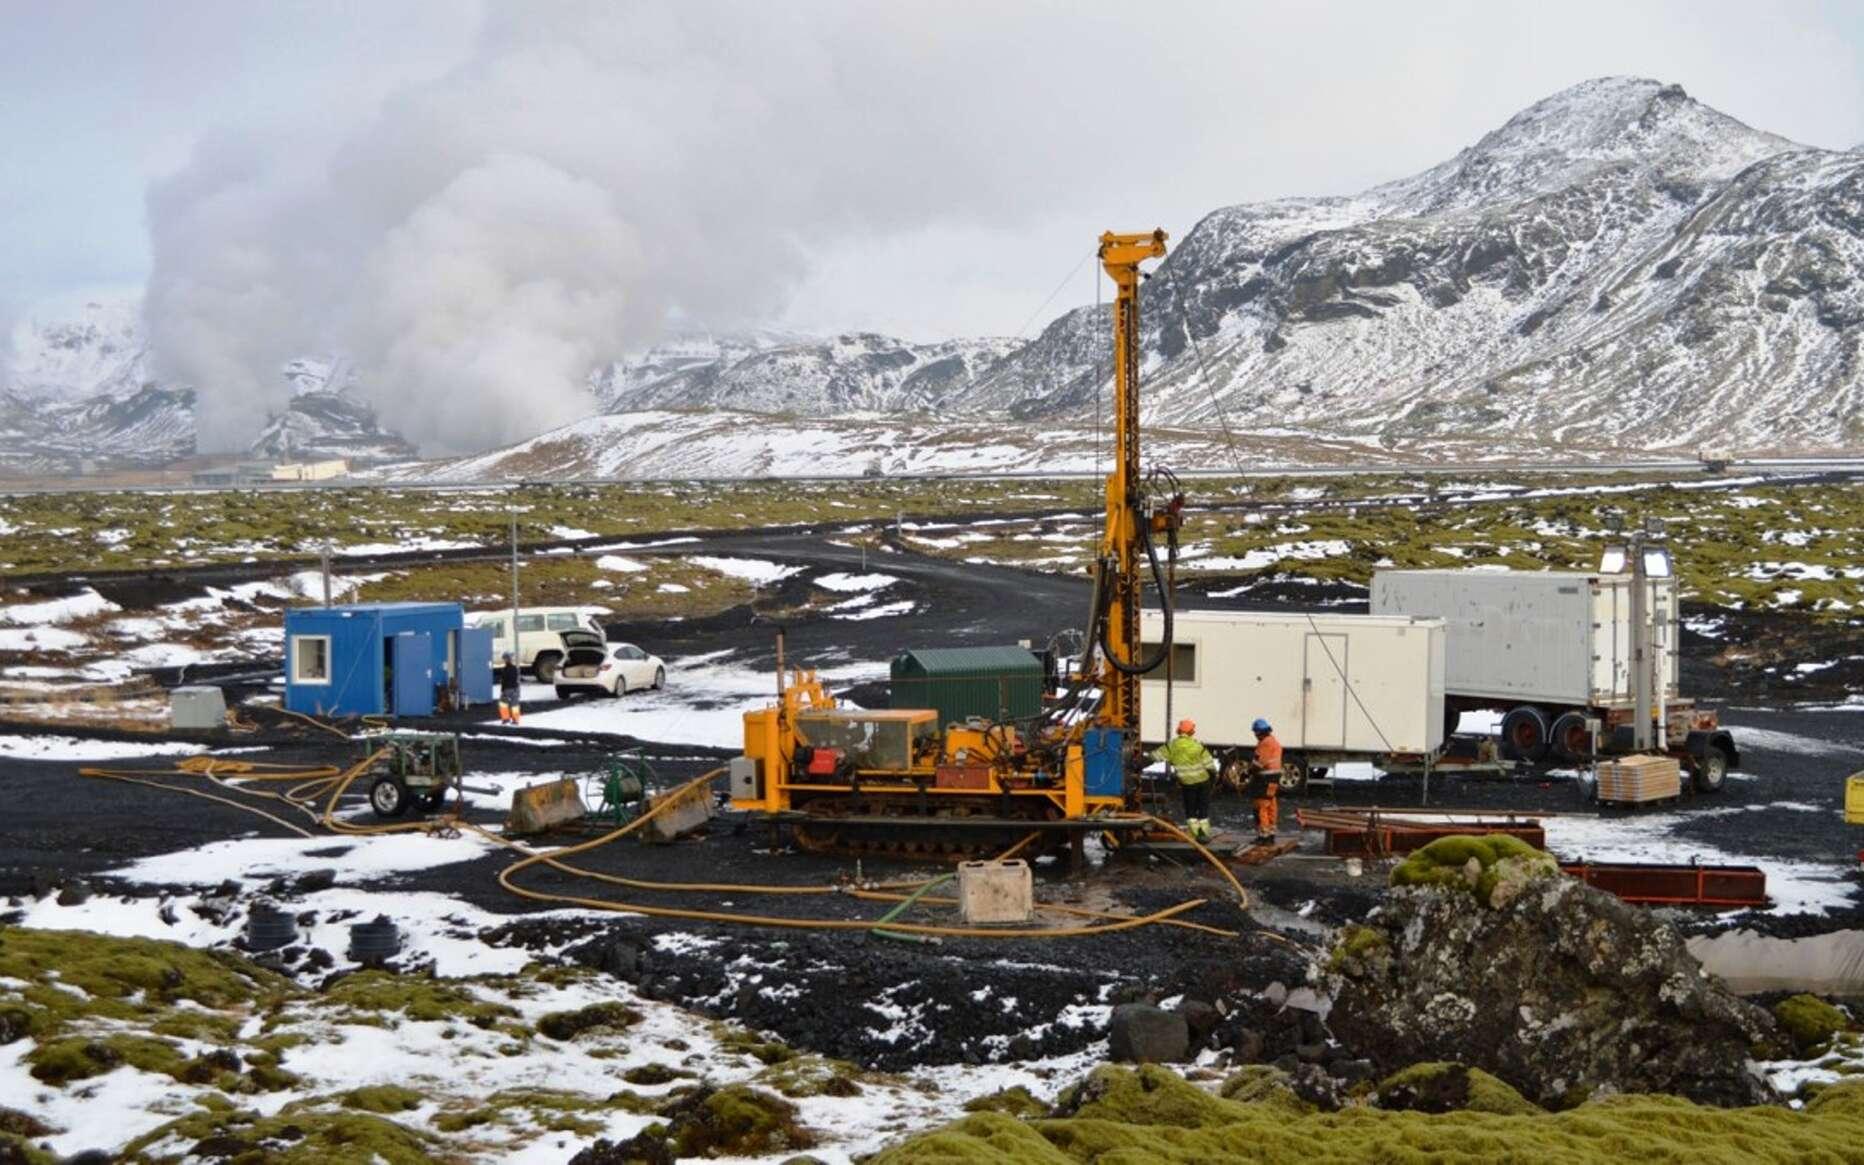 Une vue du projet CarbFix, non loin d'un champ géothermique, en Islande. Il consiste à injecter de l'eau chargée en gaz carbonique dans du basalte pour, in fine, stocker le CO2 sous forme de carbonates. © Juerg Matter